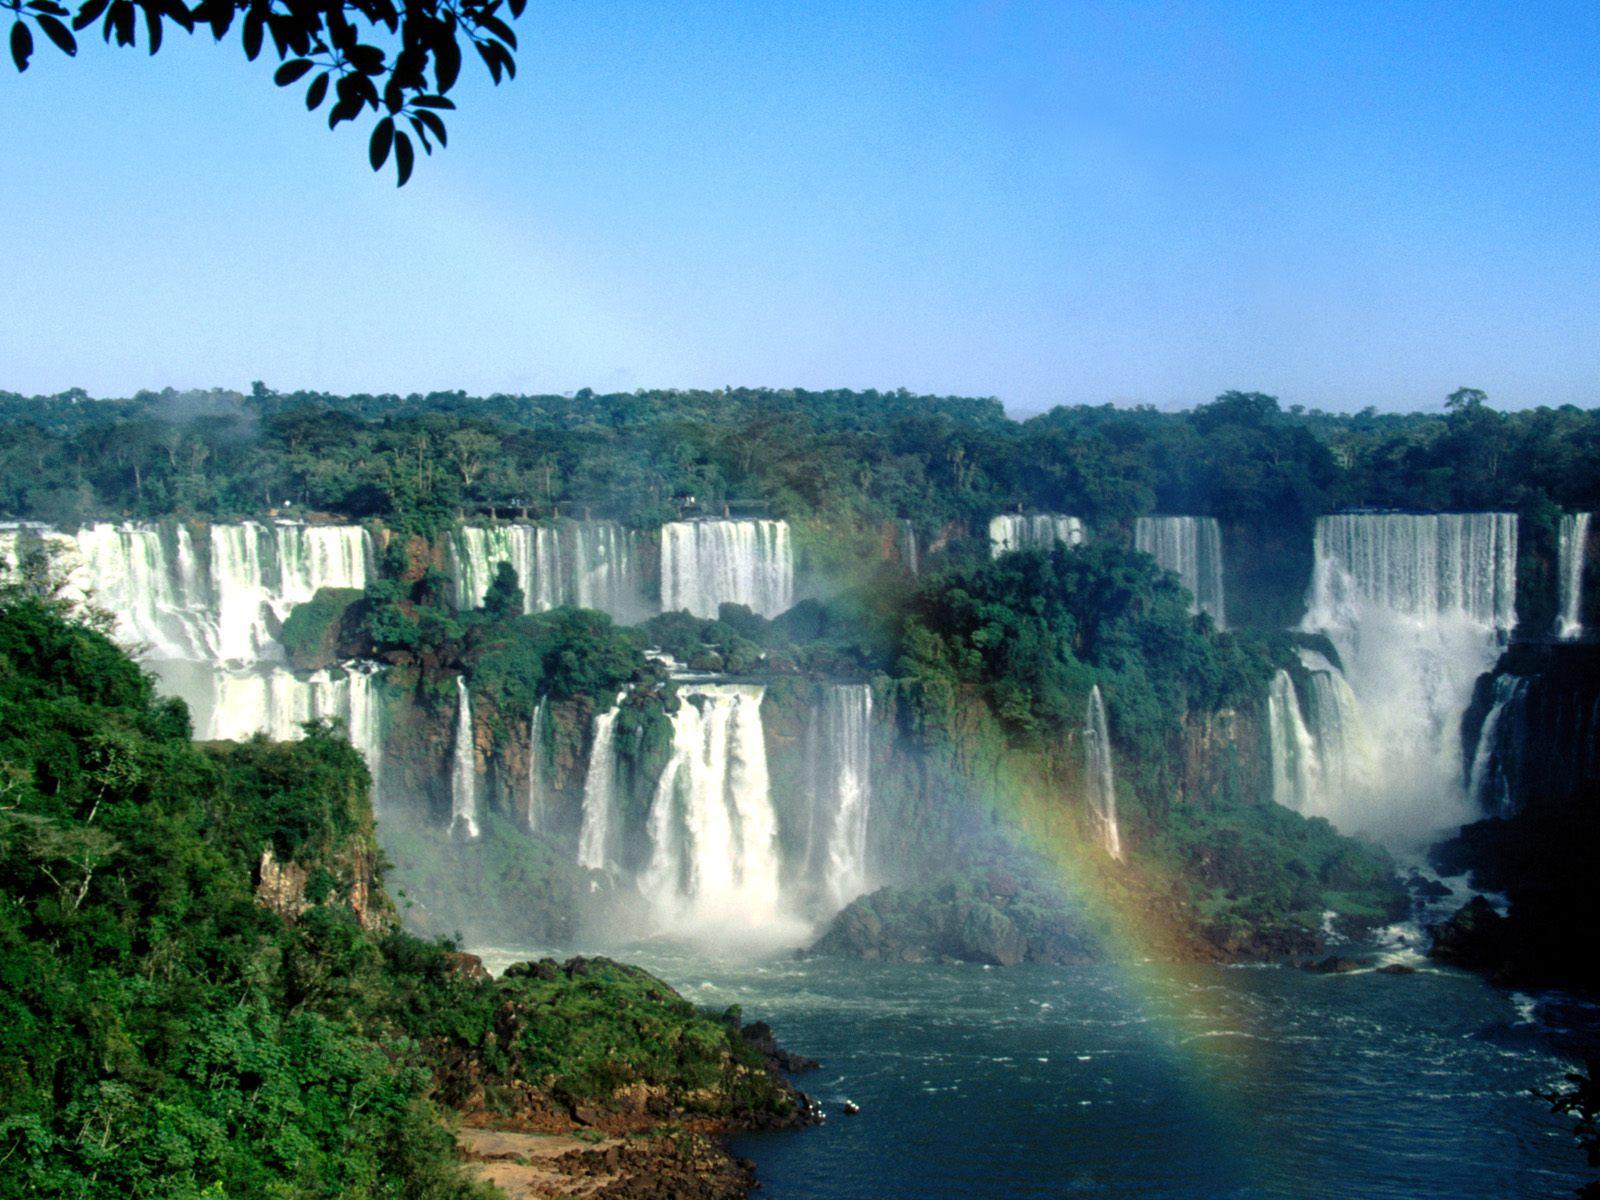 http://1.bp.blogspot.com/-DQIvls0tn6c/T3GQDjxPqBI/AAAAAAAAIXA/QxuWIcw9ygA/s1600/Iguazu+Falls+Brazil.jpg